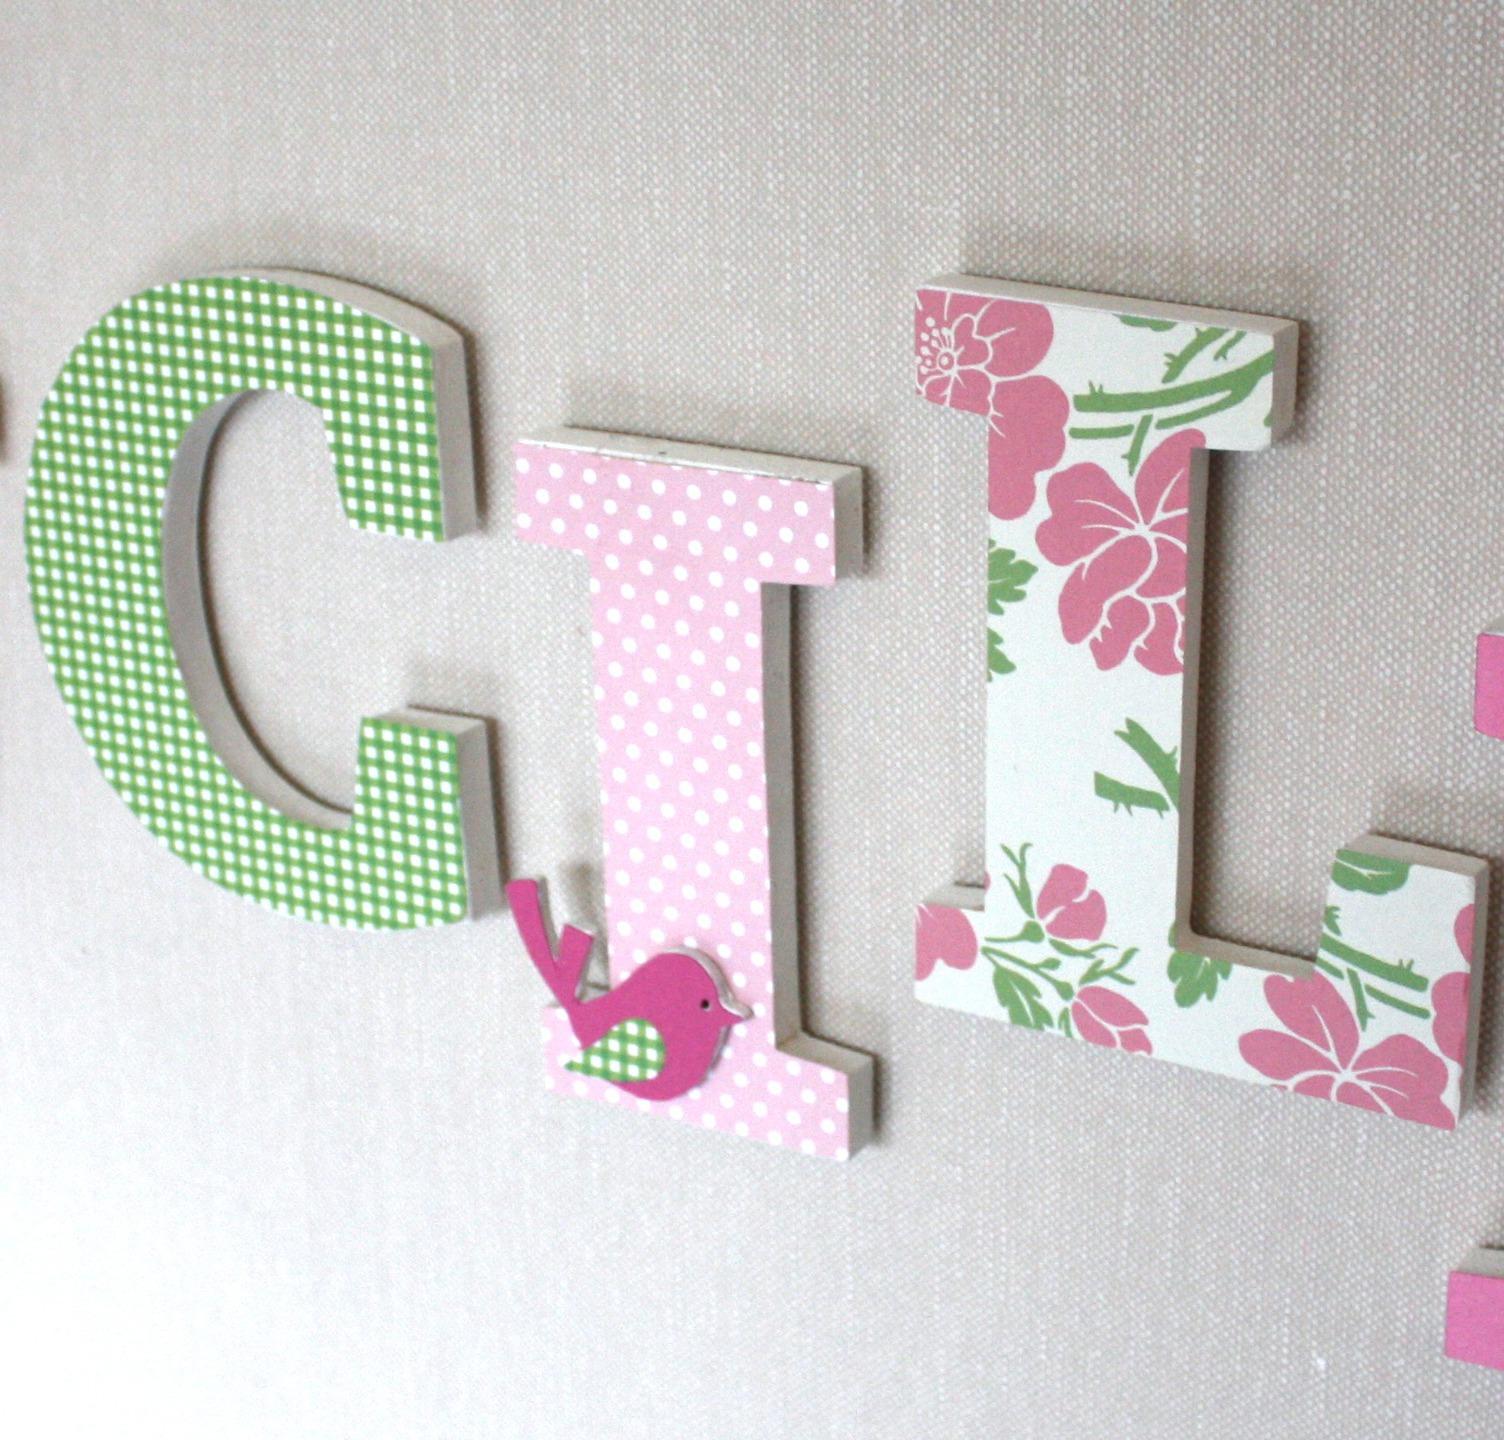 pr nom en bois personnalis lucile rose vert avec des fleurs pour d coration de chambre bapt me. Black Bedroom Furniture Sets. Home Design Ideas